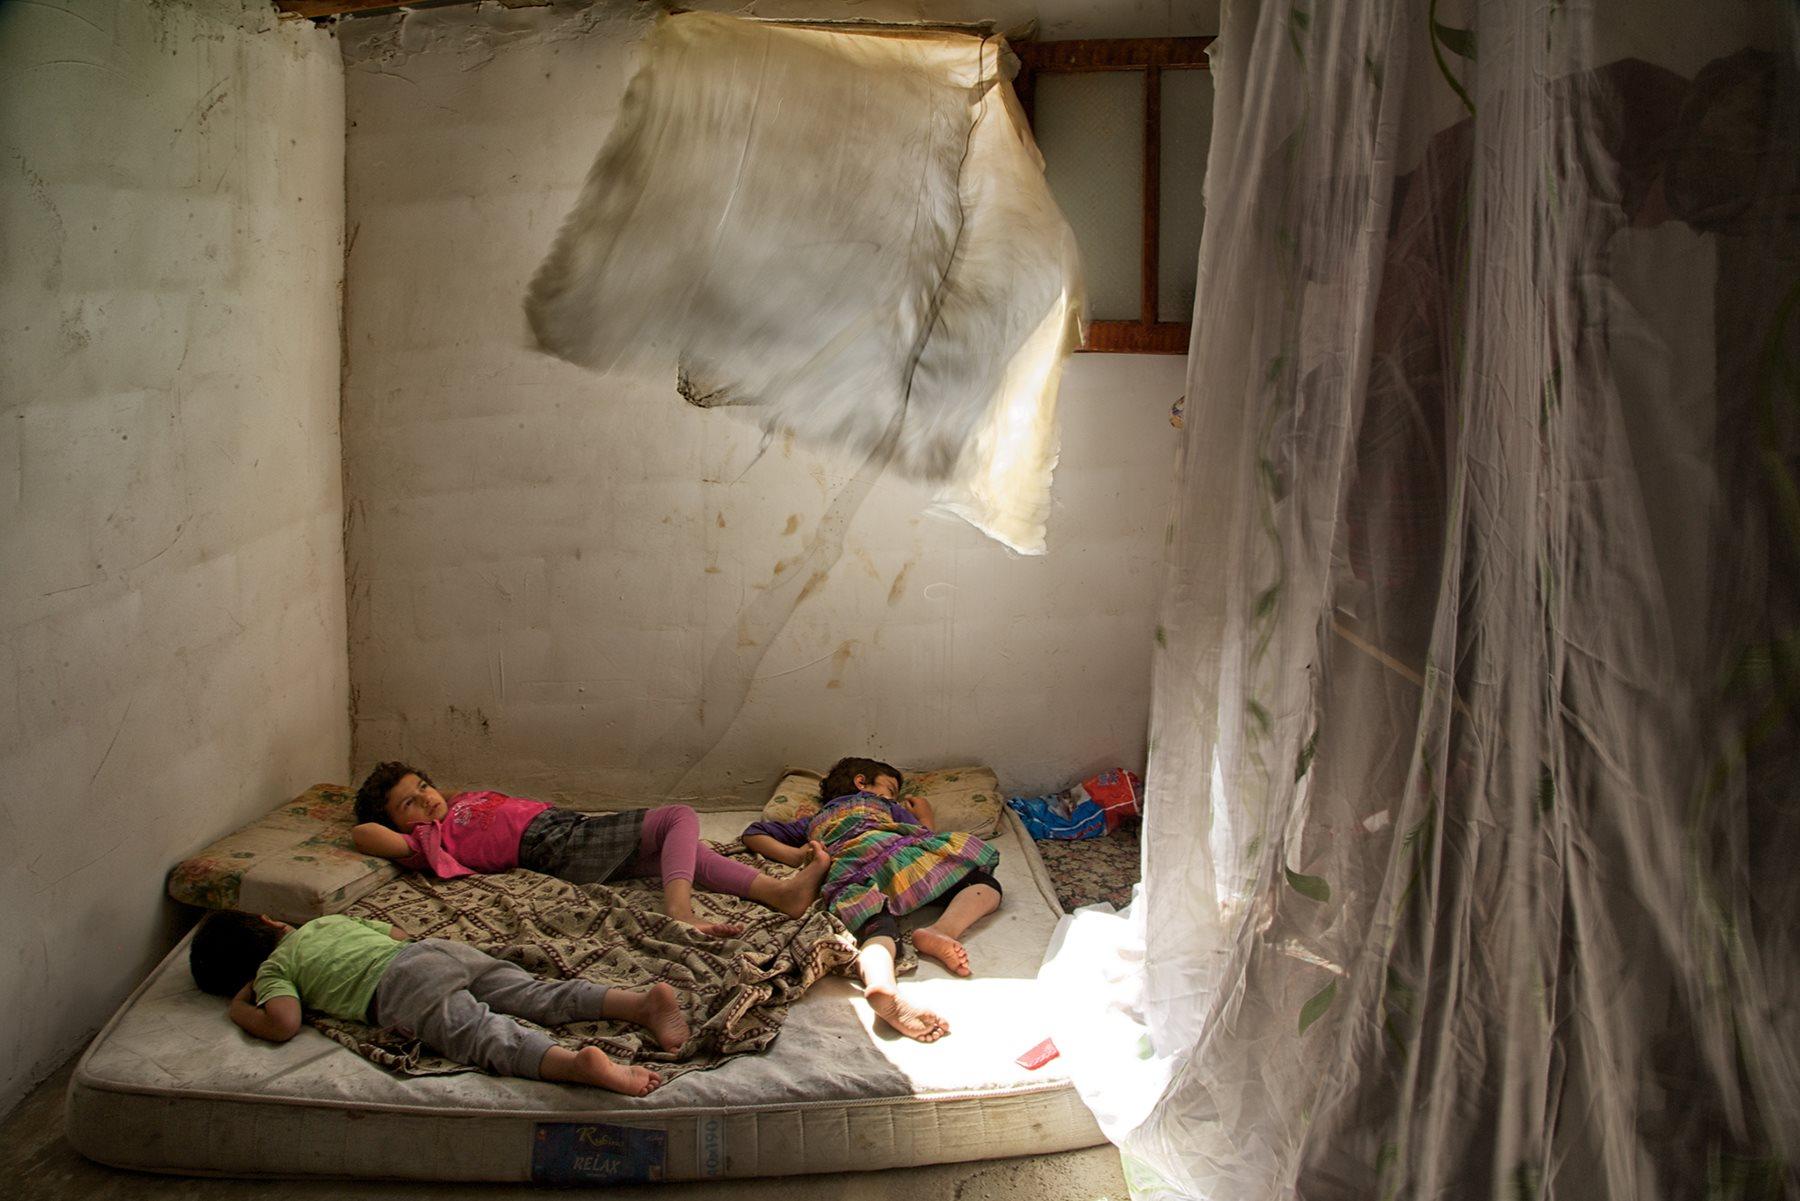 La búsqueda desesperada de una vivienda ha llevado a la familia de estos pequeños a instalarse en una granja. La habitación, que comparten seis personas, se alquila por 130 euros mensuales (2015). John Stanmeyer/National Geographic